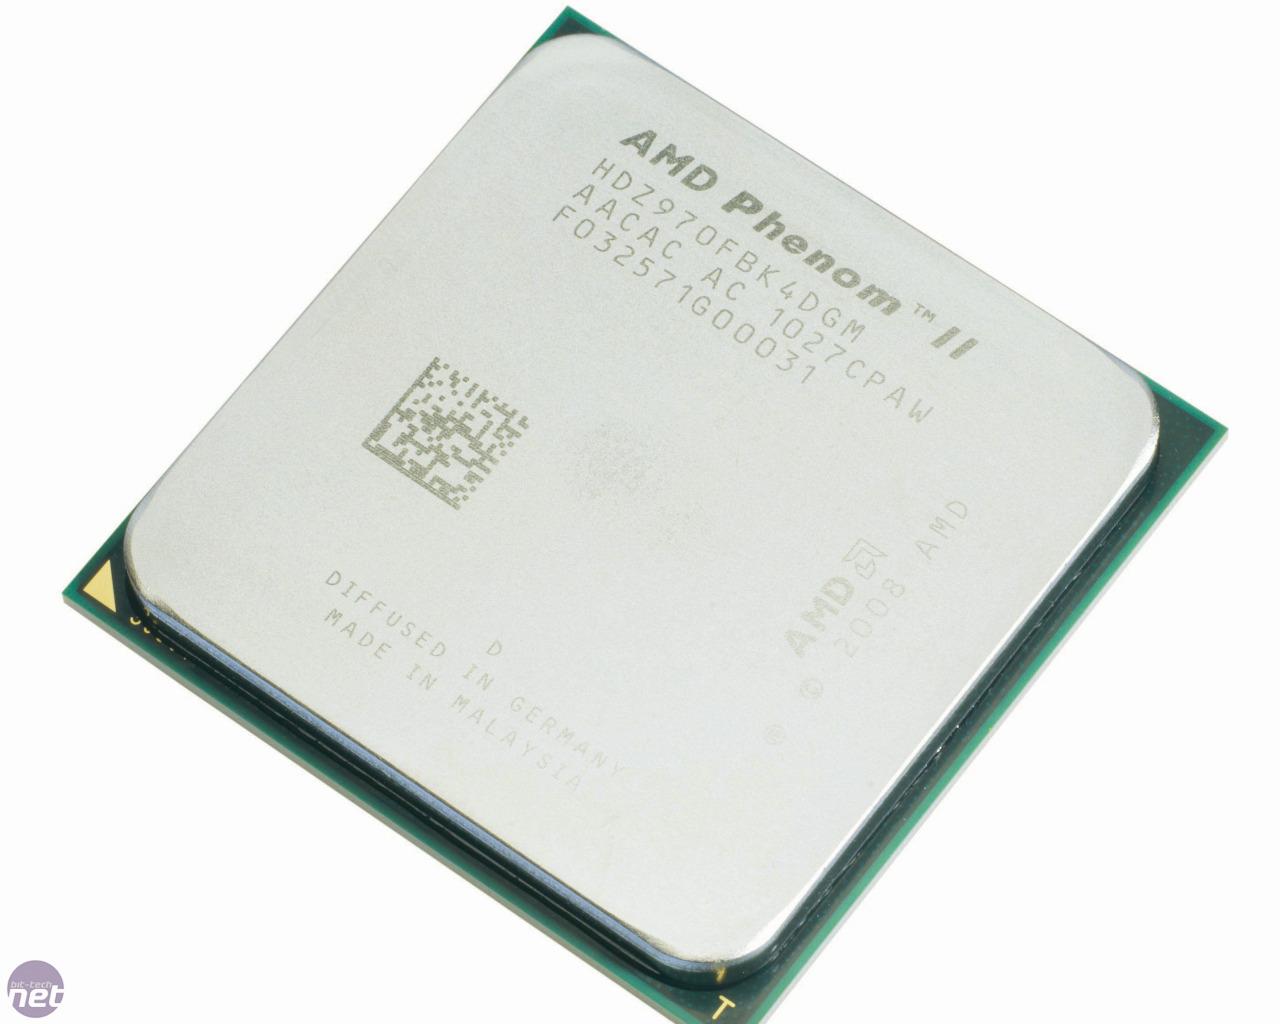 Amd Phenom Ii X4 970 Review Bit Tech Net